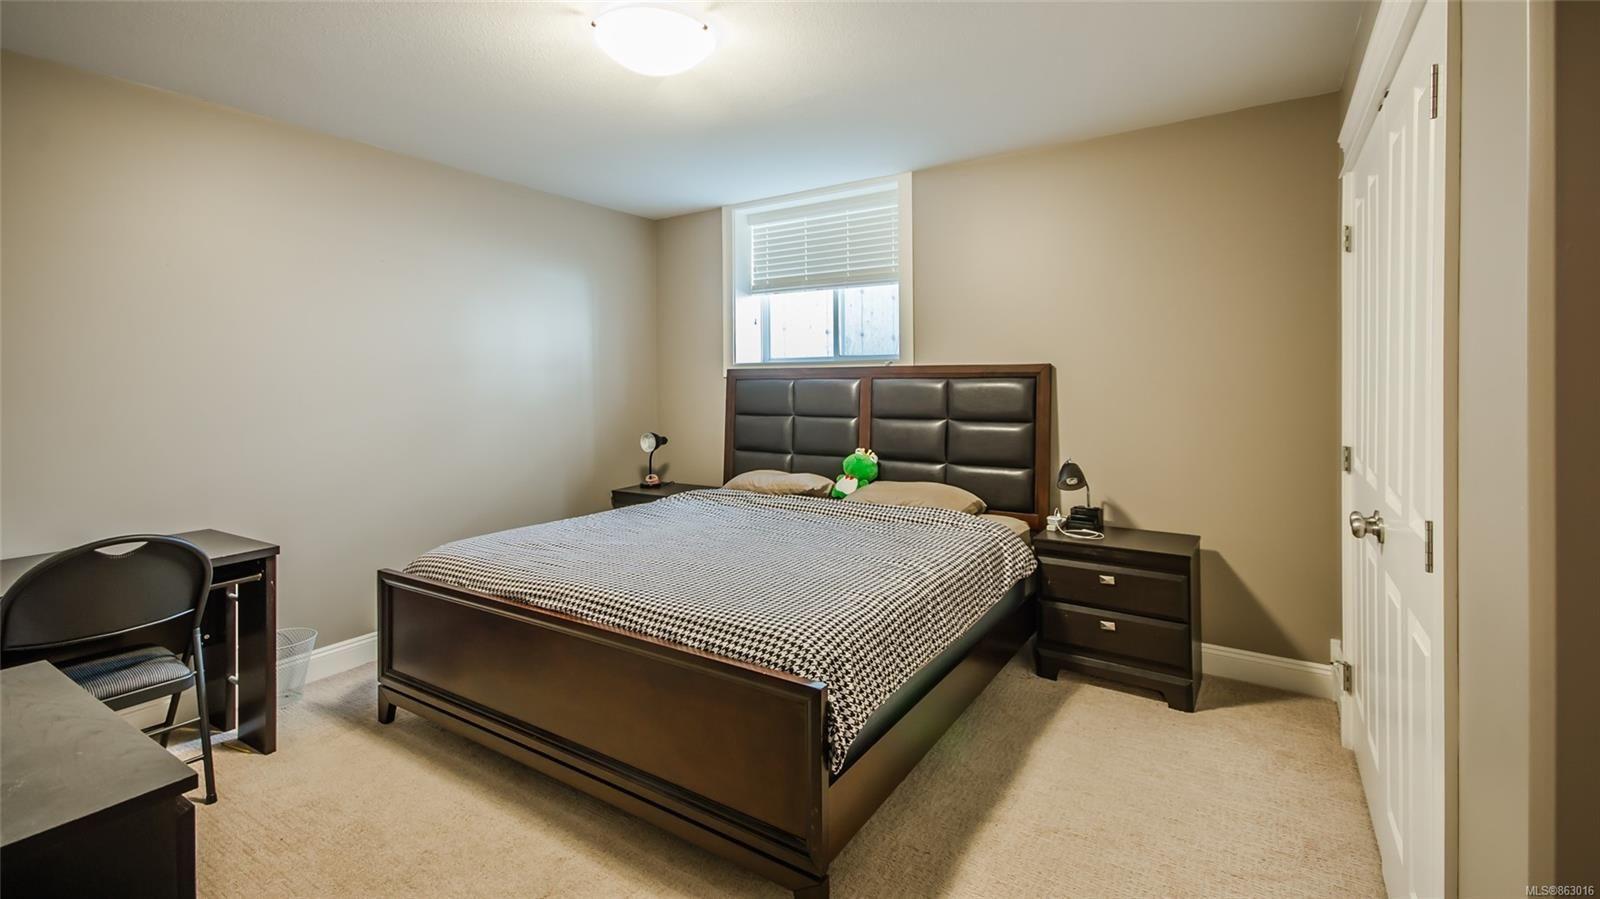 Photo 20: Photos: 5361 Laguna Way in : Na North Nanaimo House for sale (Nanaimo)  : MLS®# 863016